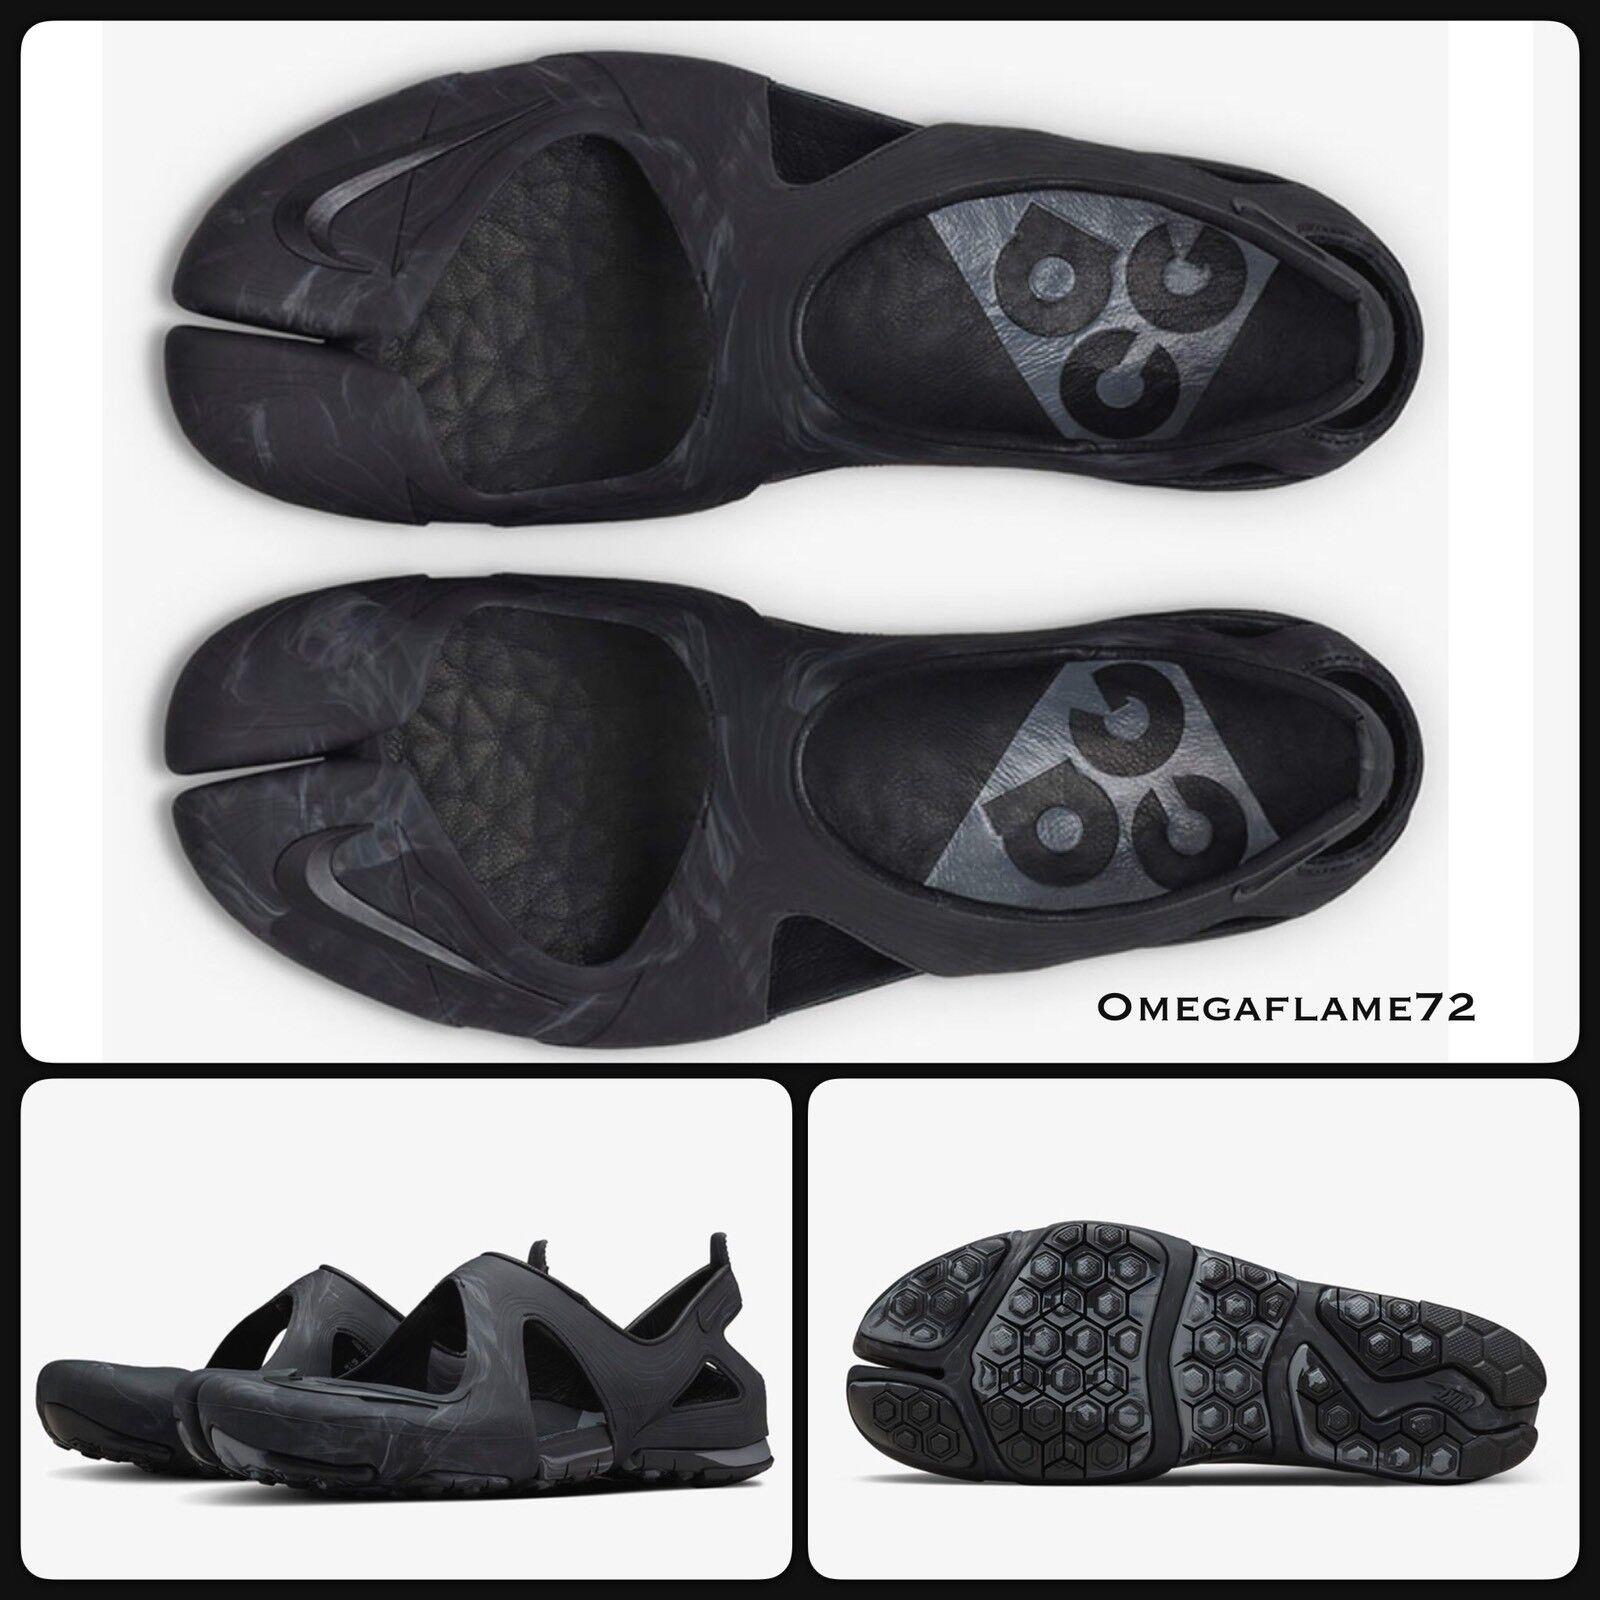 Nike Free Black, Rift Sandal ACG SP, Black, Free 813052-004, US 8 73e3eb